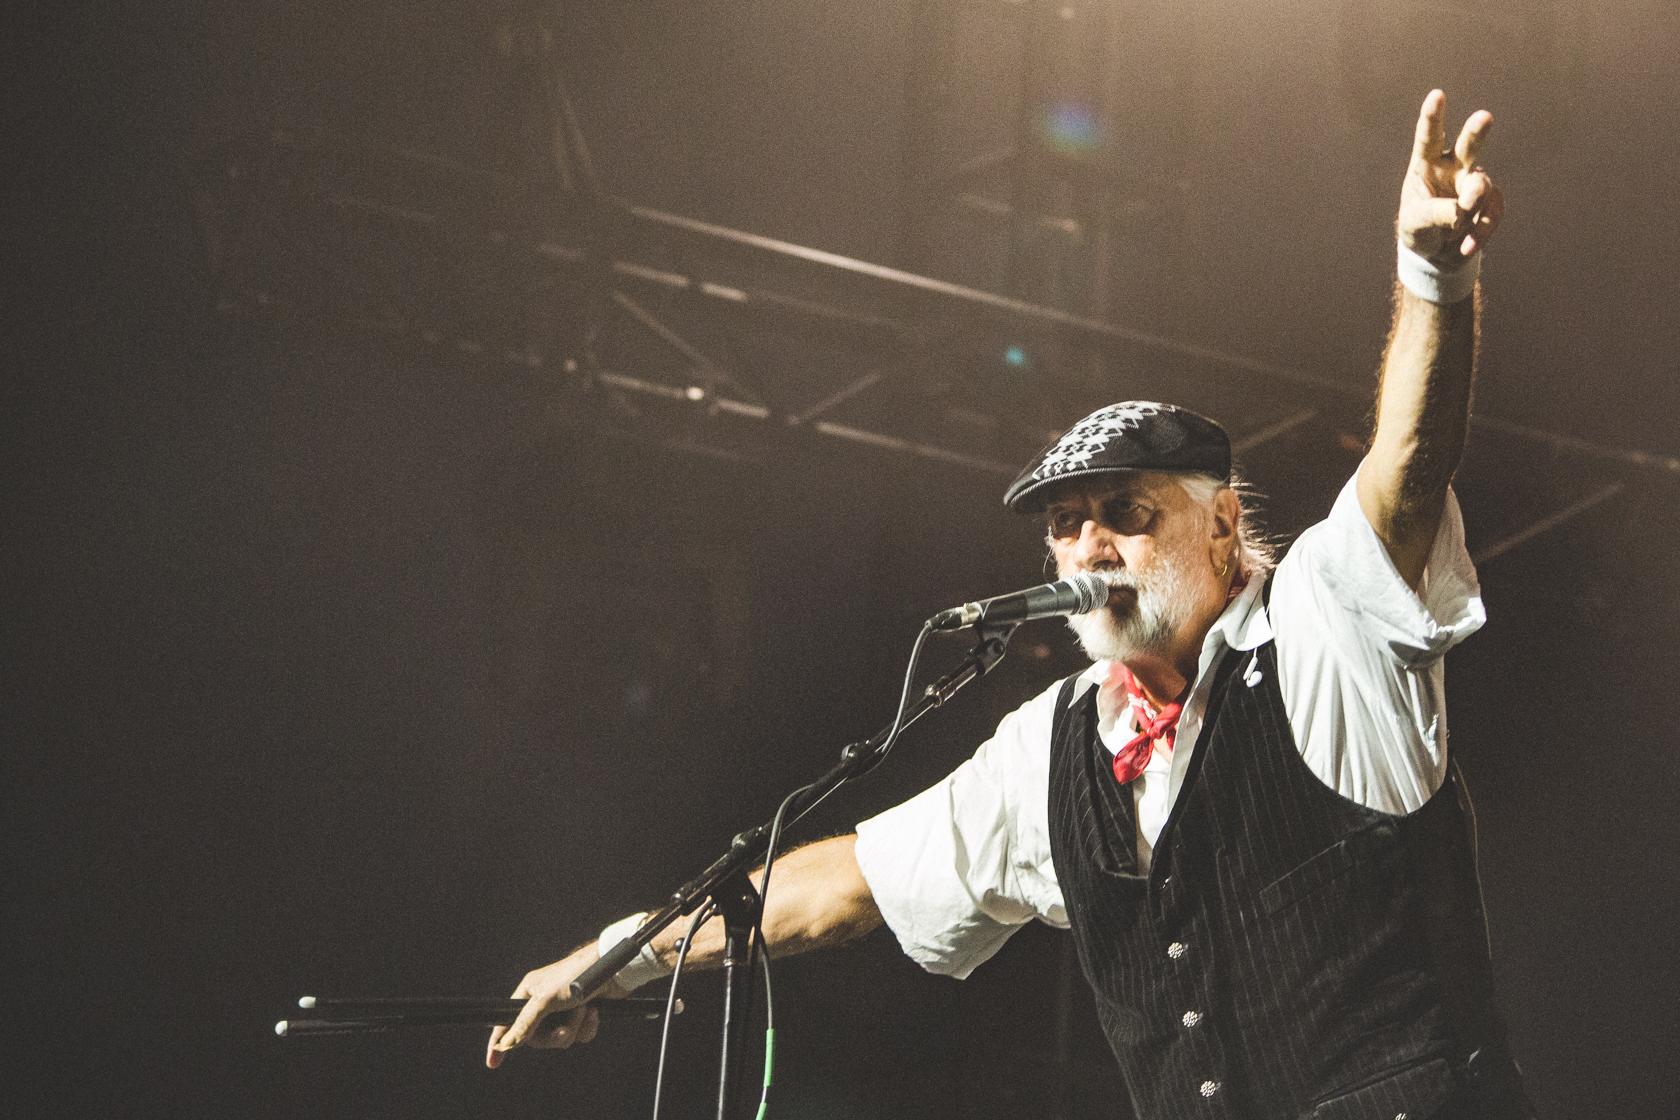 Mick Fleetwood Blues Band - rcstills.com-11.jpg